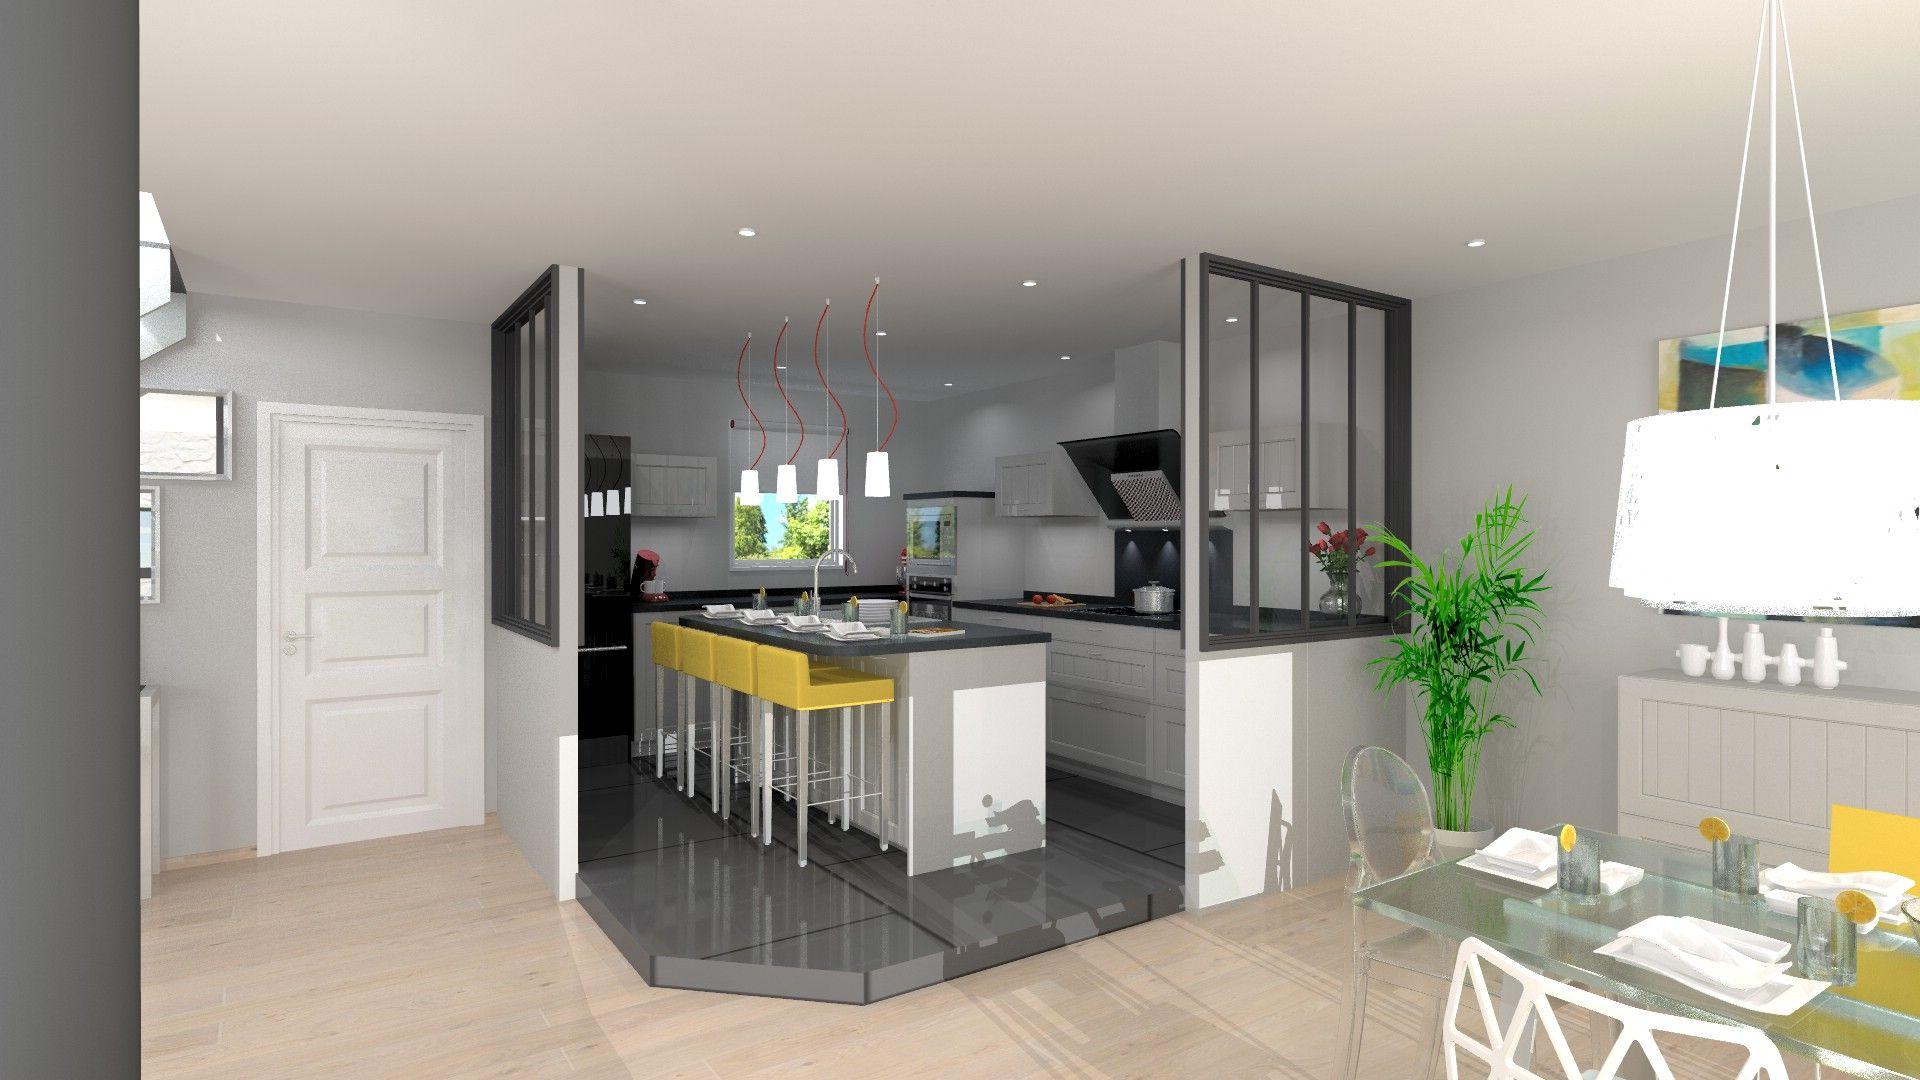 cuisine ouverte avec ilot 4 semi petite cuisine ouverte nice architecture design. Black Bedroom Furniture Sets. Home Design Ideas